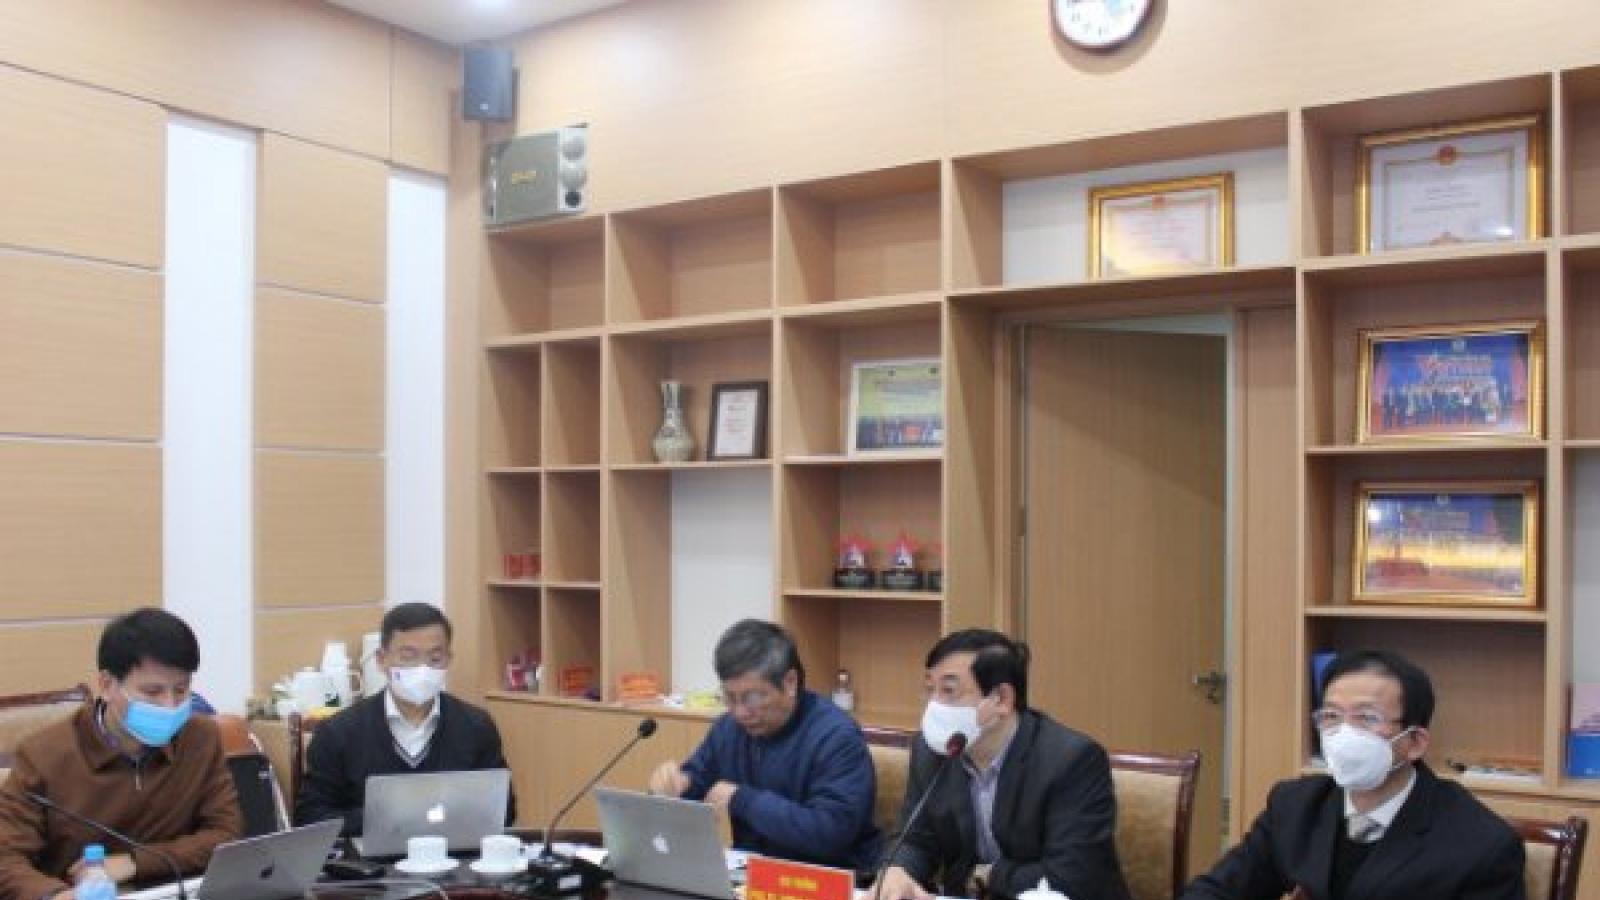 Tình trạng sức khỏe các ca mắc COVID-19 nặng tại các ổ dịch Hải Dương, Quảng Ninh